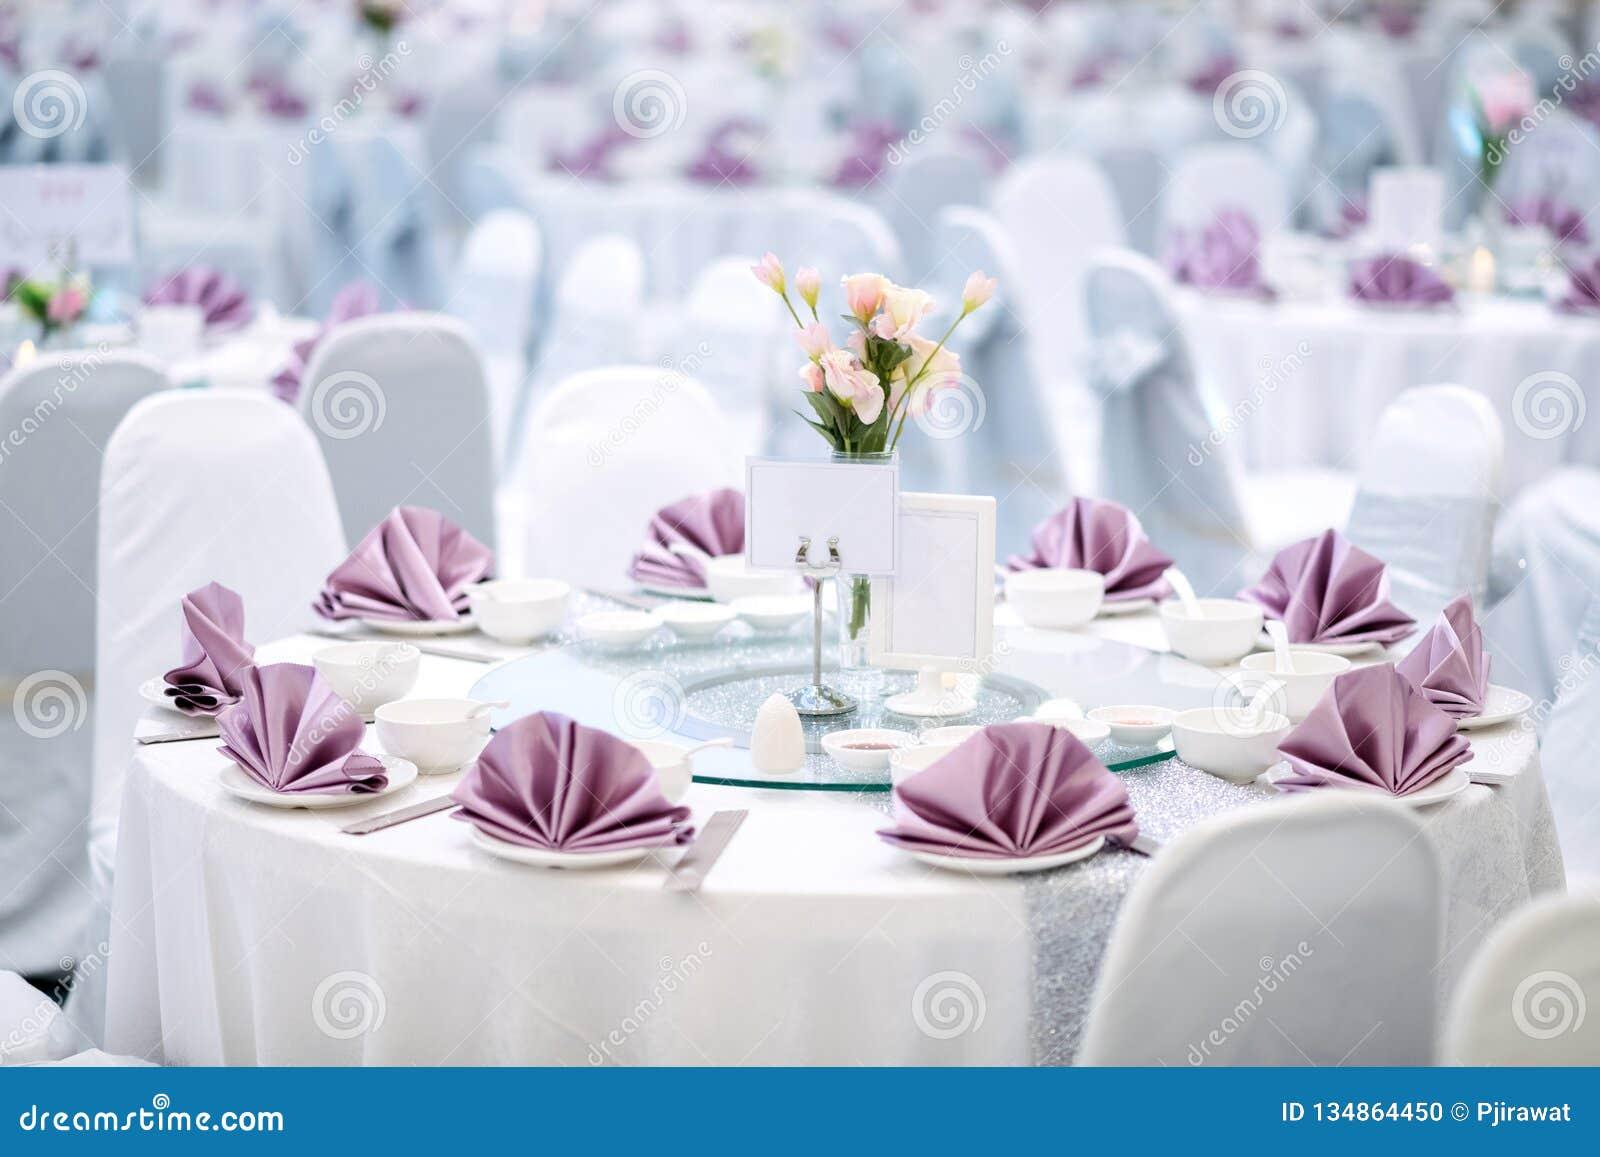 Table de dîner préparée de gala